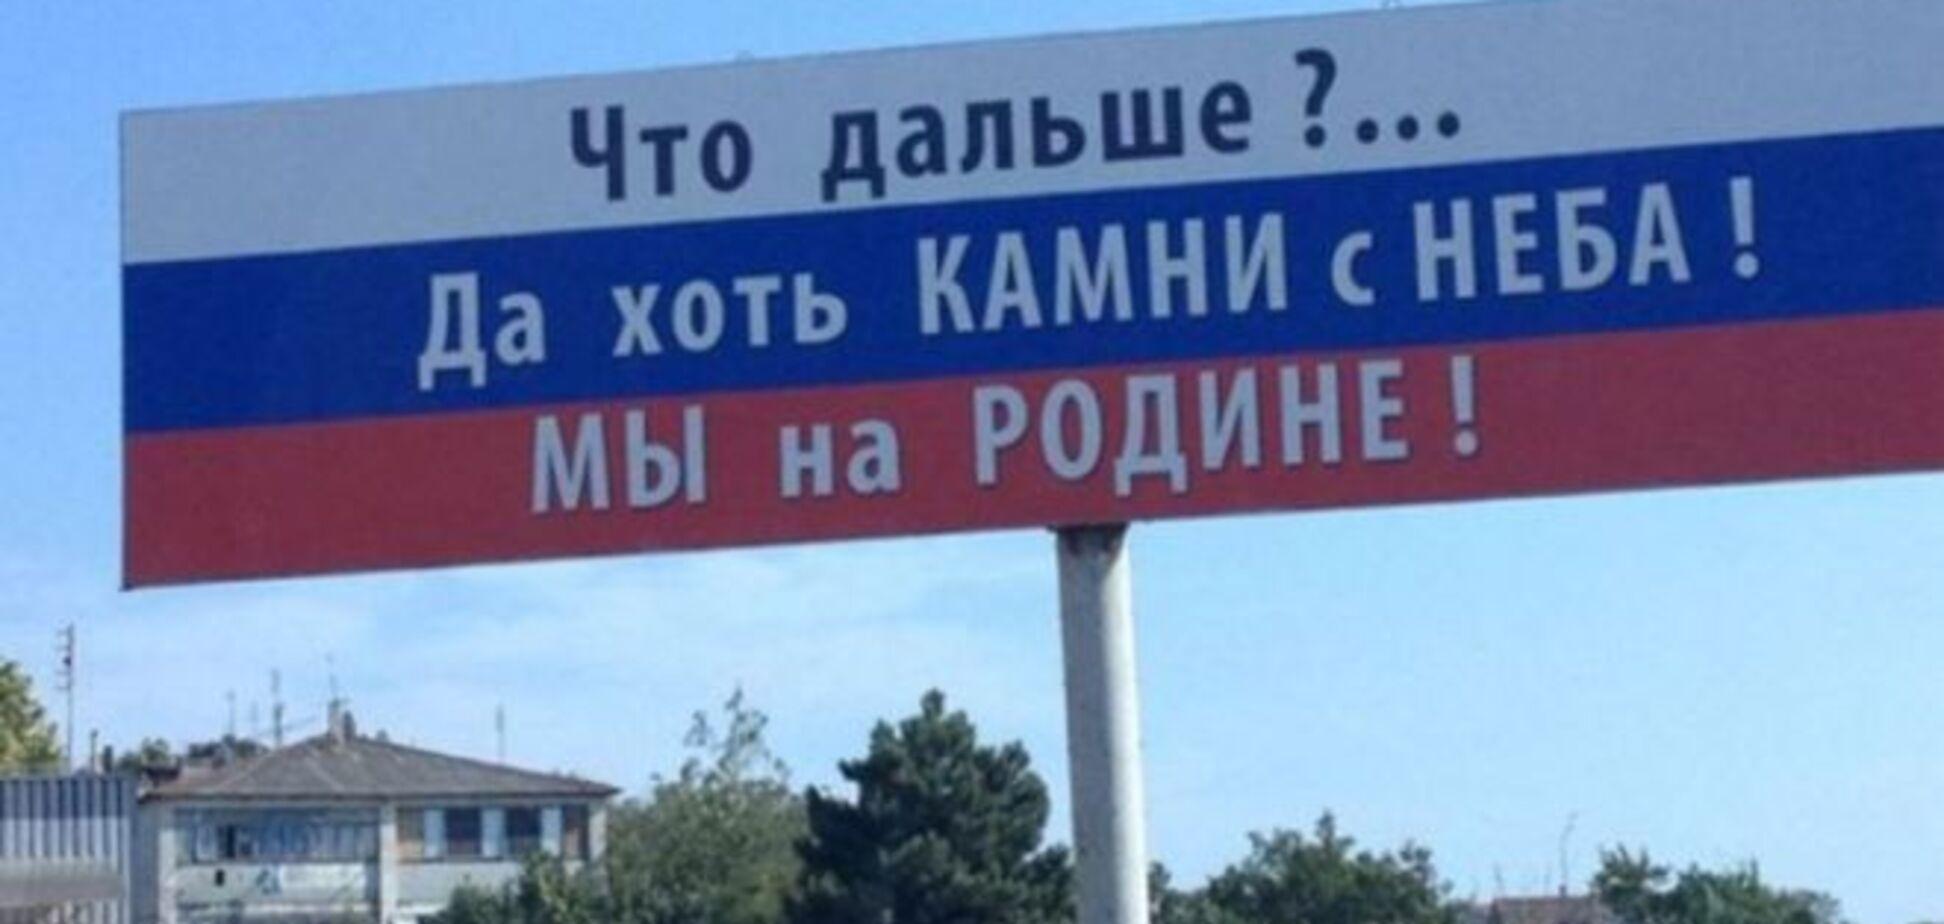 Путешествие домой: поездка в Крым